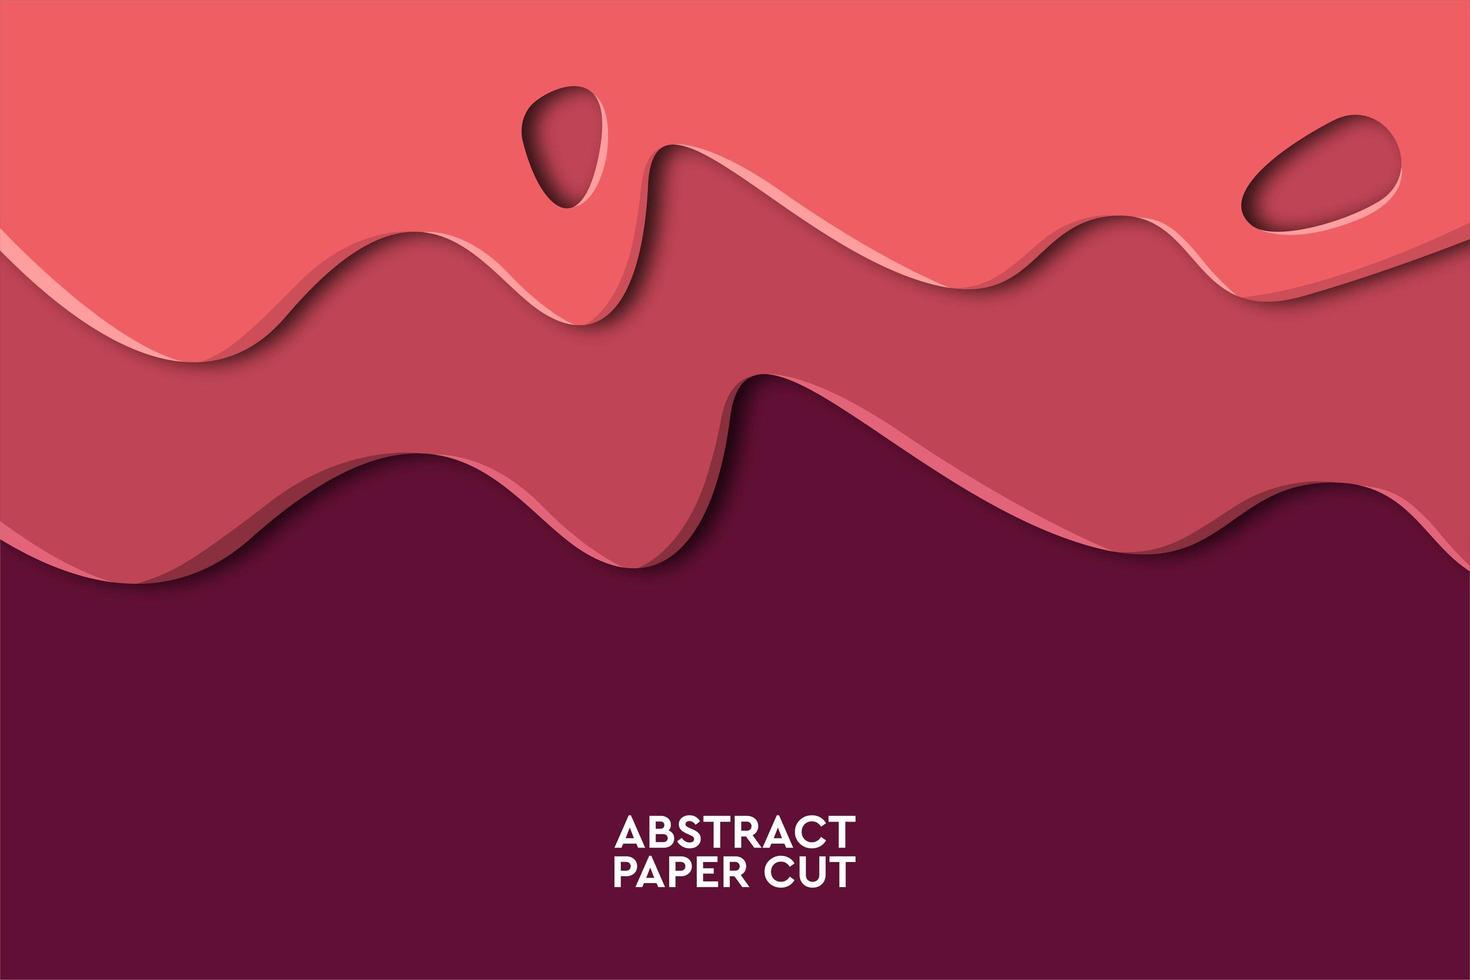 Fondo geométrico abstracto rosa ola marrón vector